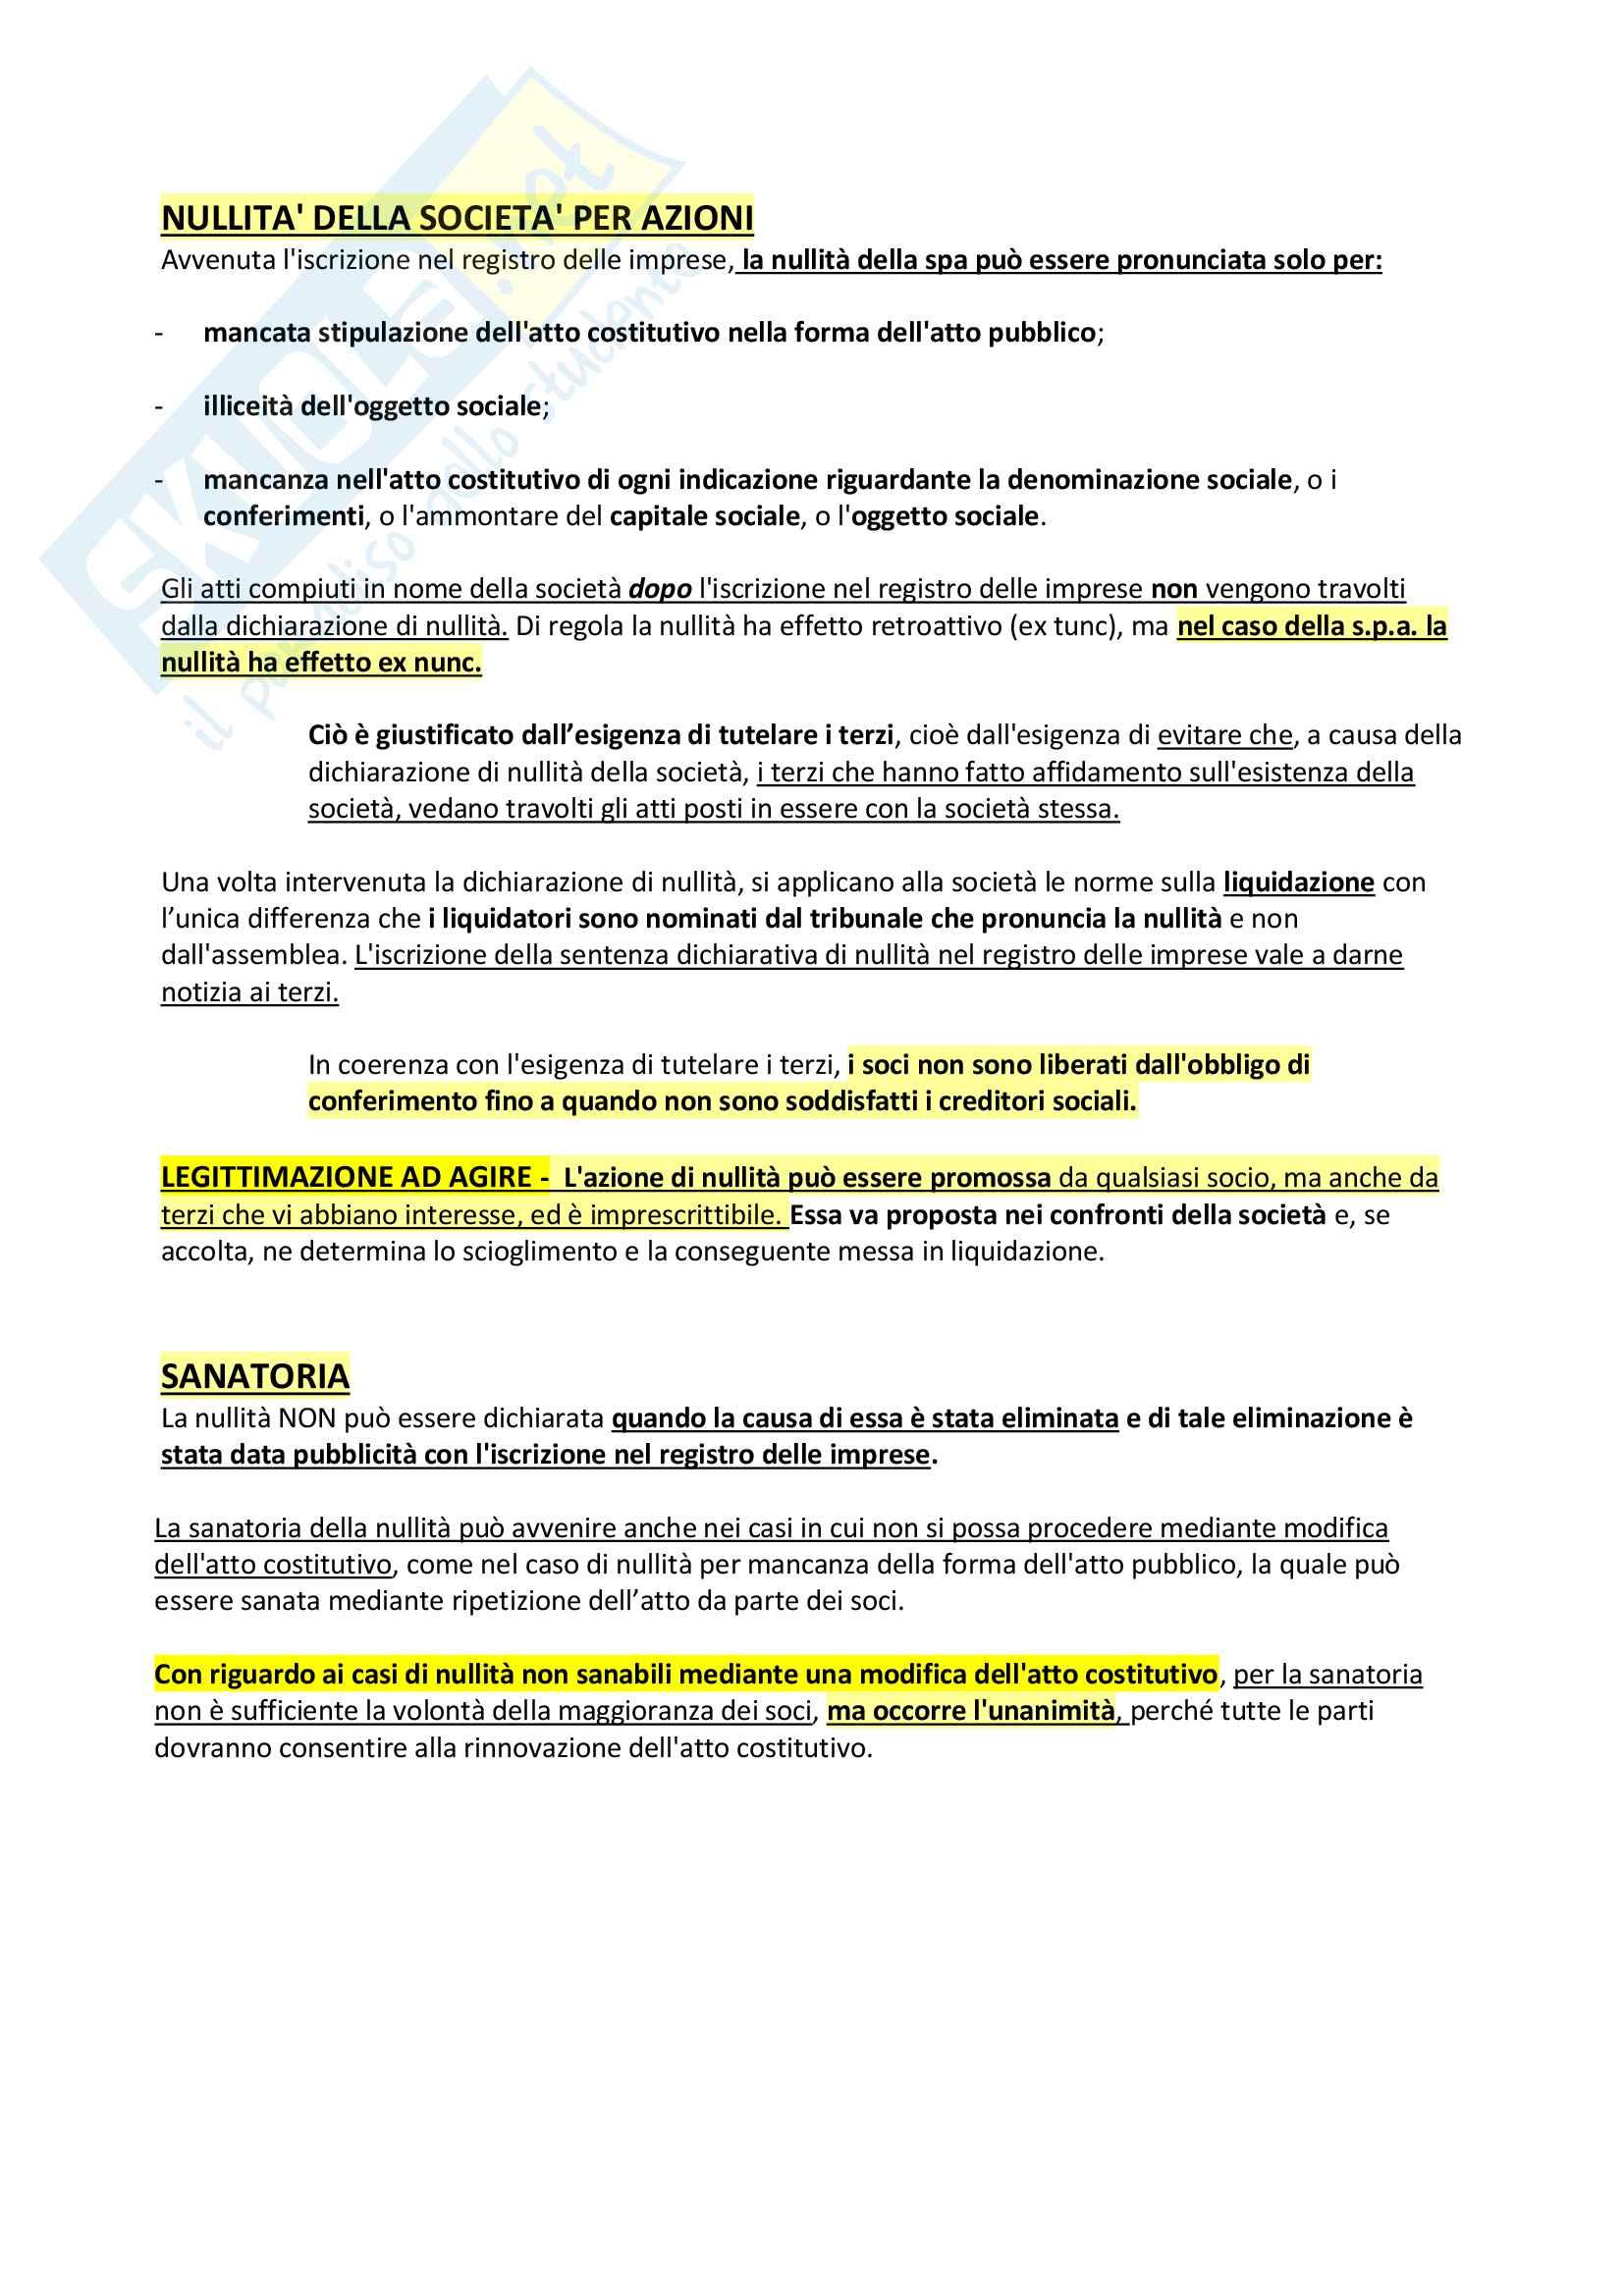 Riassunto + appunti di diritto delle società Pag. 11